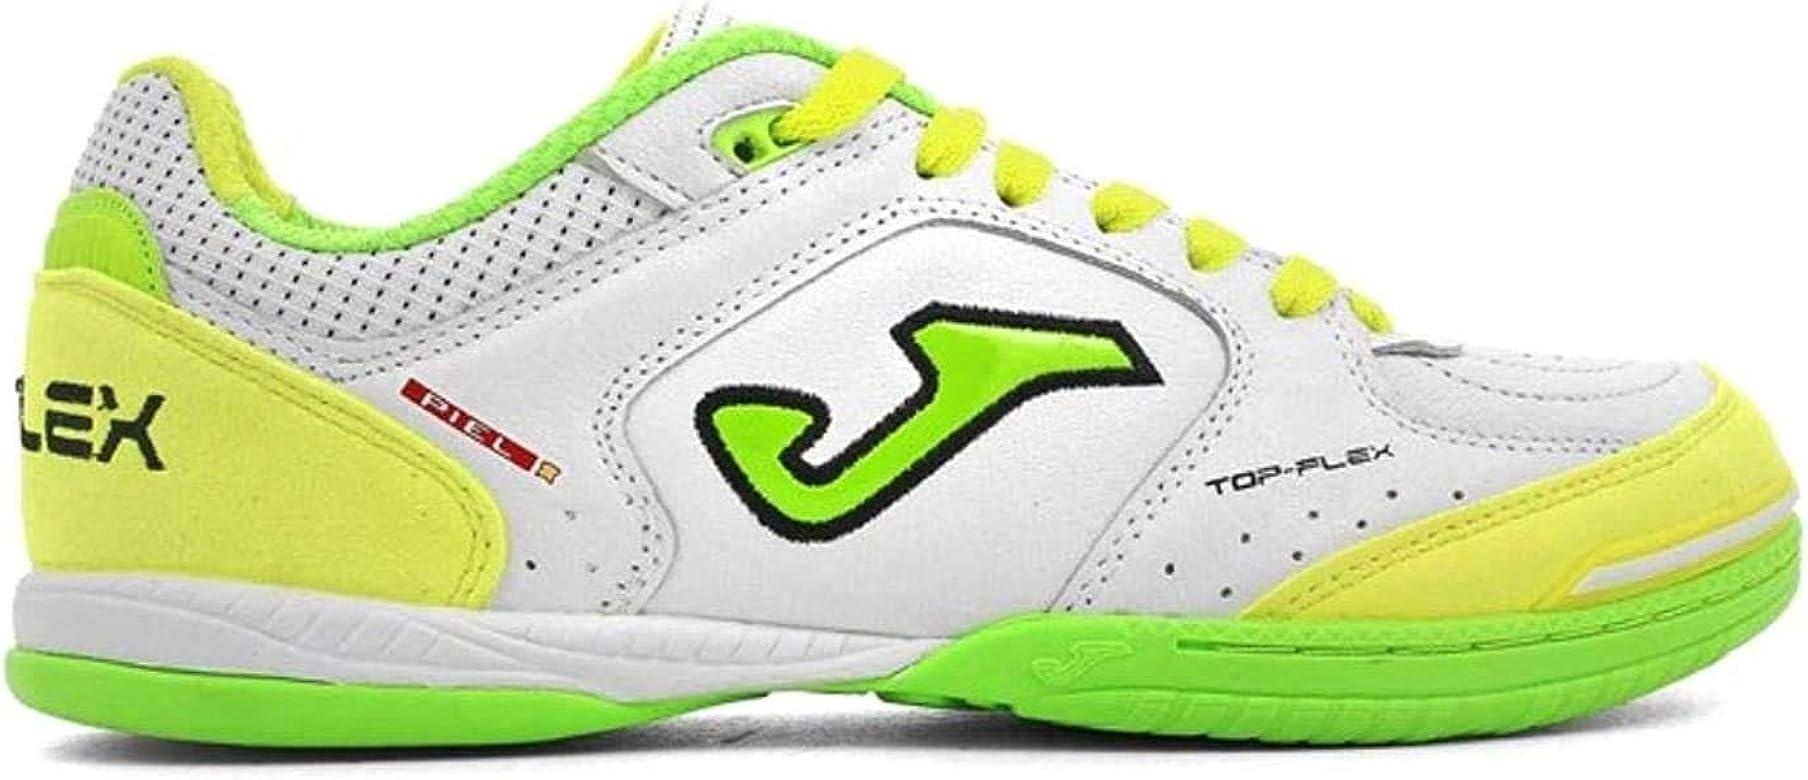 Joma Top Flex, Zapatilla de fútbol Sala, White-Yellow, Talla 11.5 ...